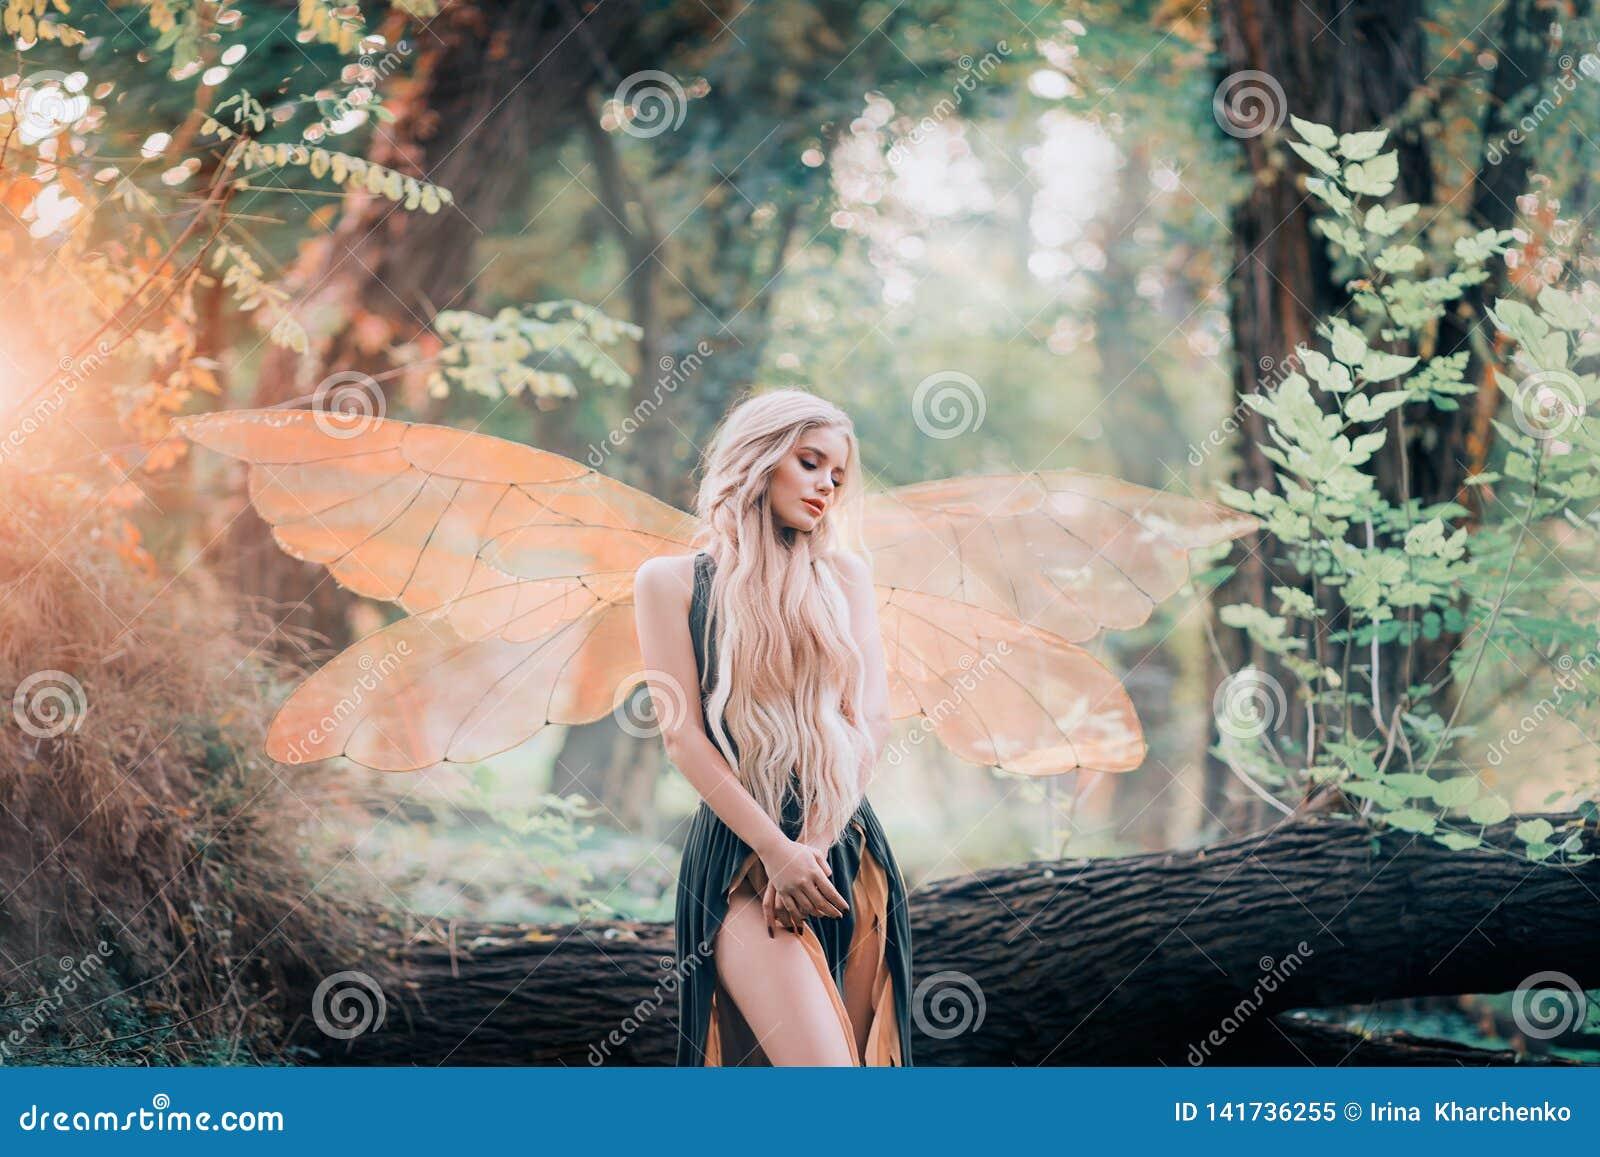 De echte fee van magische verhalen, godin van aard met transparante vleugels alleen in dicht bos, schoonheid sluit haar ogen